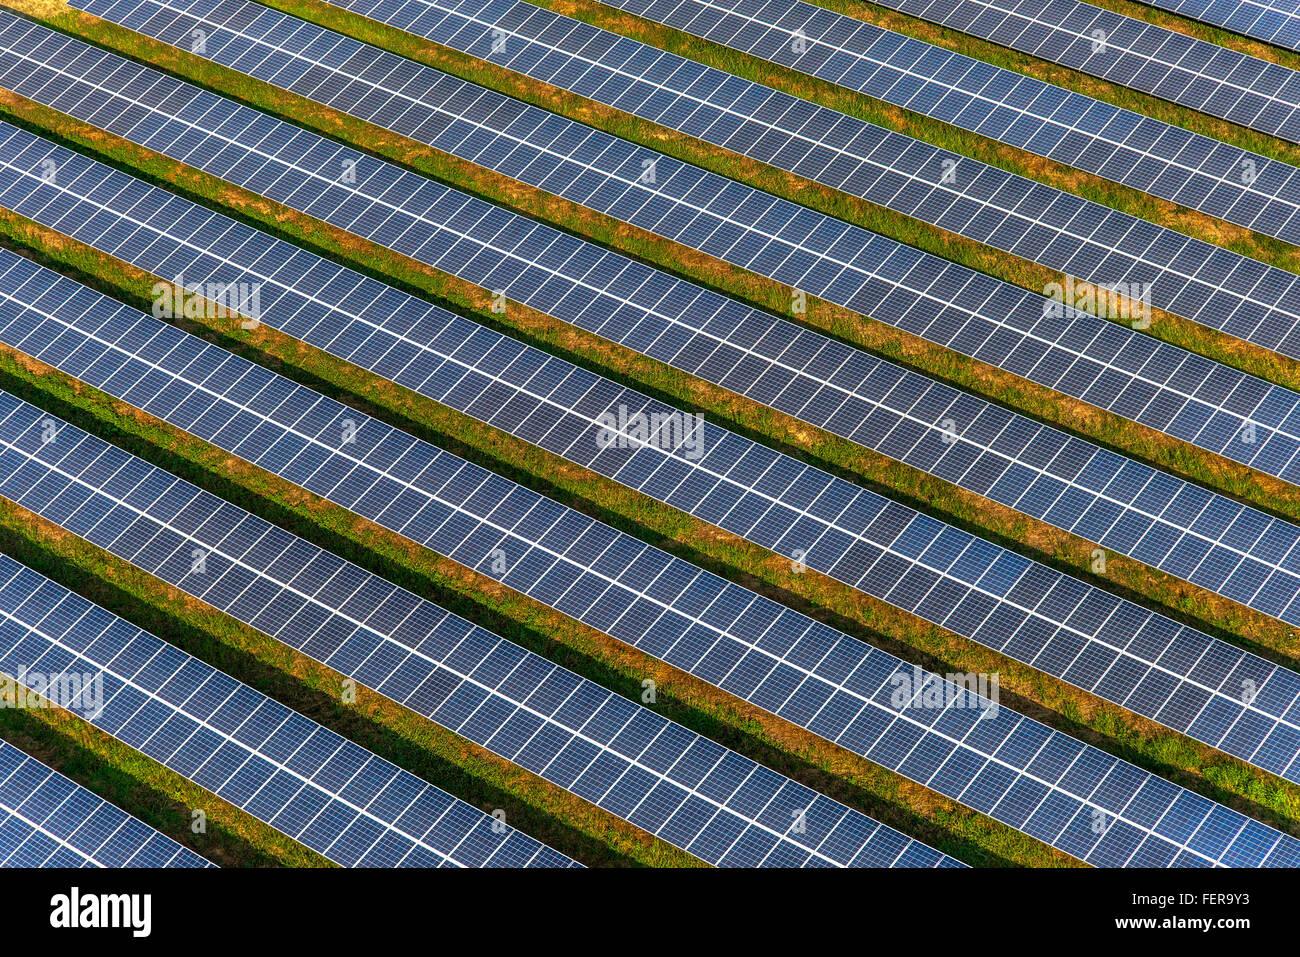 Granja Solar, paneles solares foto desde el aire Imagen De Stock